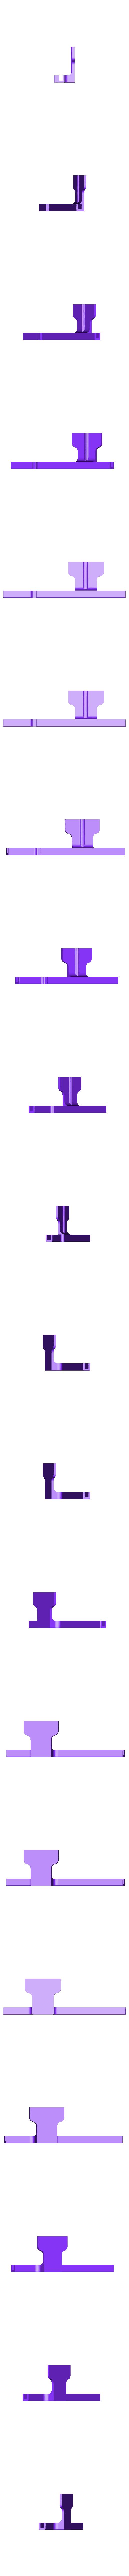 Rail Arriba V.2.stl Télécharger fichier STL gratuit Support de plaque d'immatriculation de moto • Modèle à imprimer en 3D, Ginesor